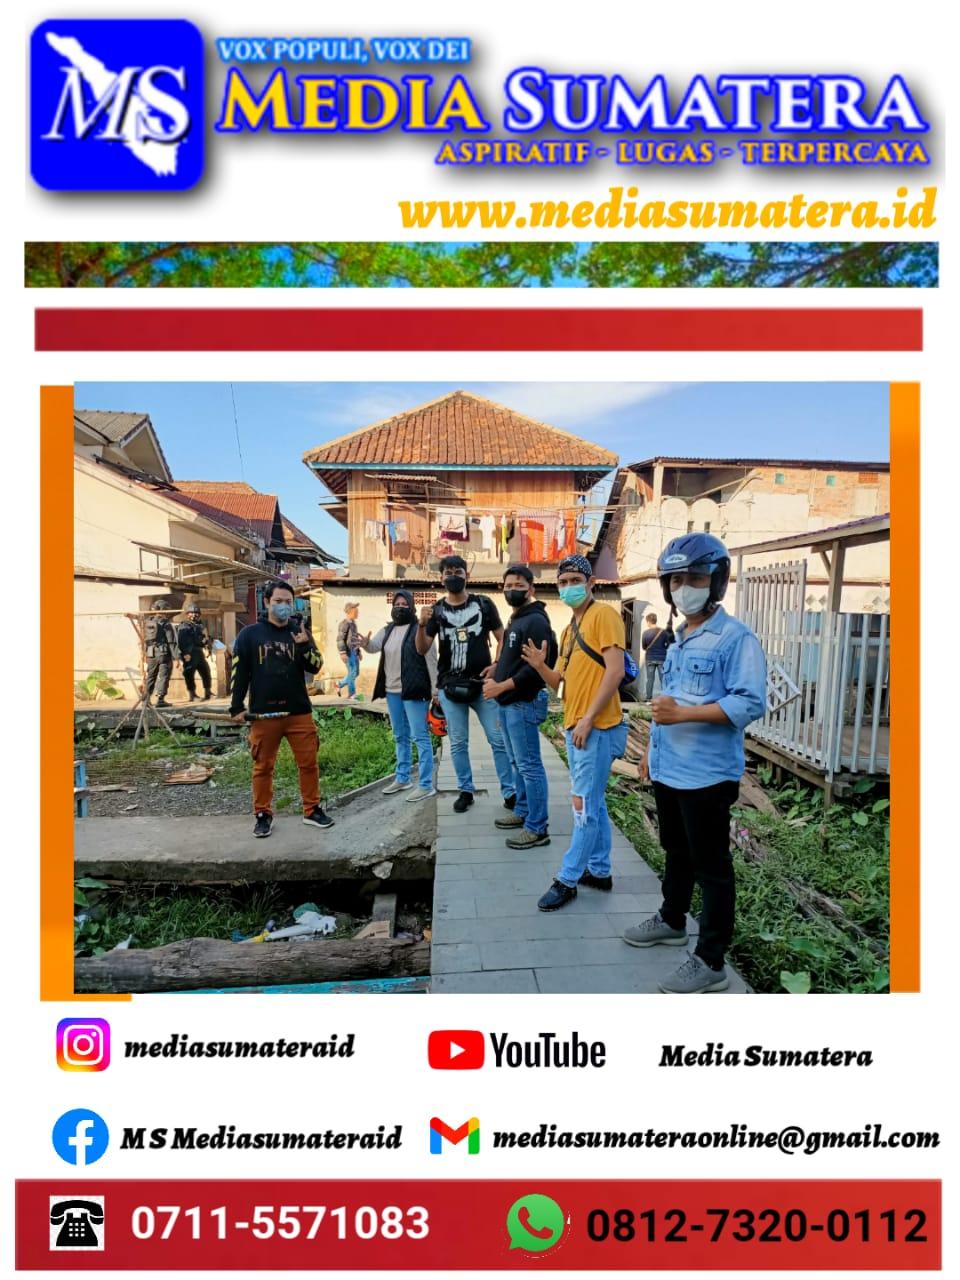 Kapolda Sumsel : Bukti Keseriusan Kita Dalam Menumpas Narkoba, Kampung Narkoba Tangga Buntung Palembang Kembali Di Gerebek